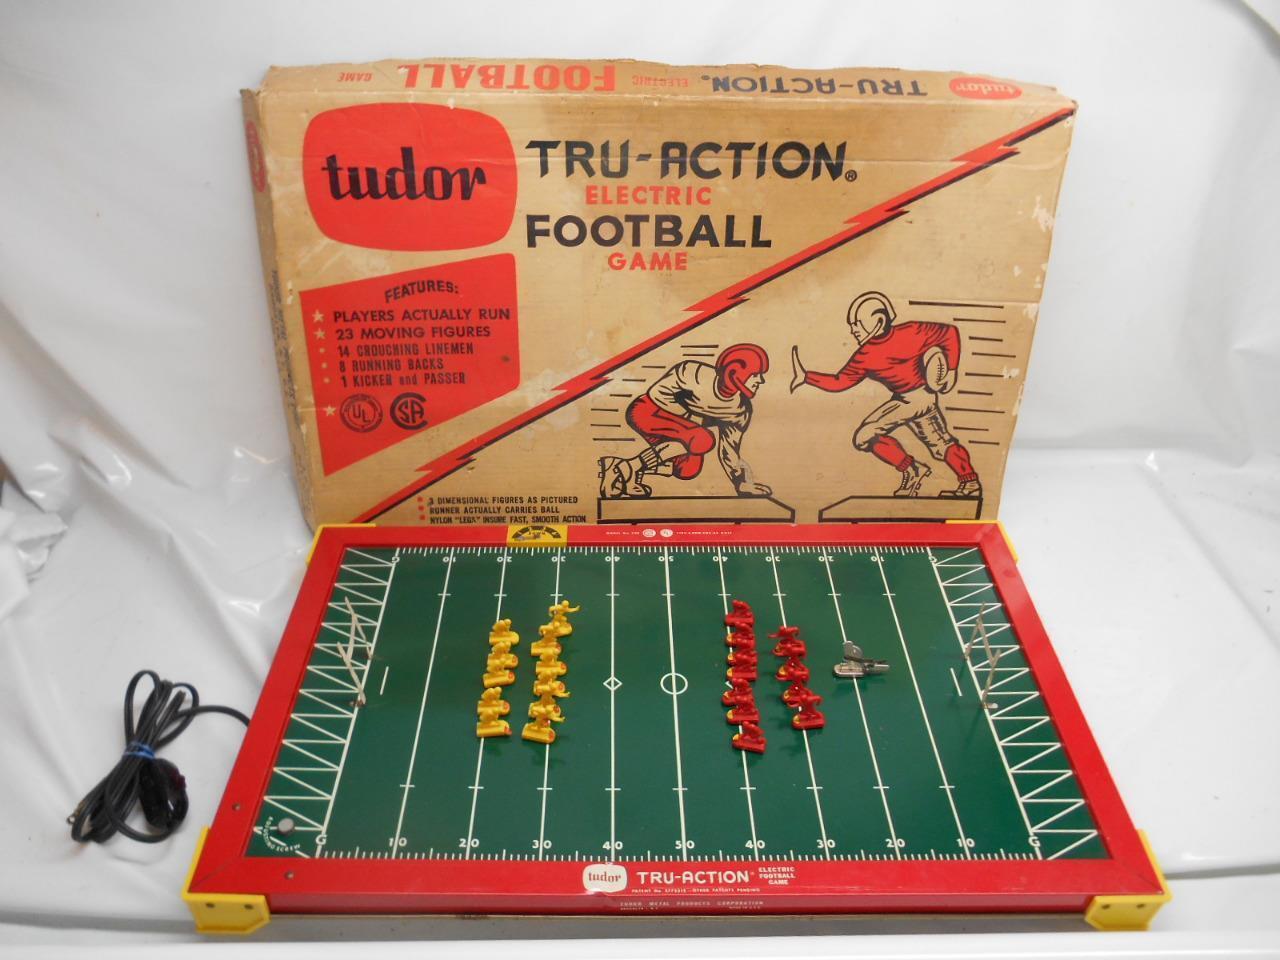 Antiguo De Colección Década de 1950 Tudor Tru-acción juego de fútbol eléctrico mdl 500 Funciona